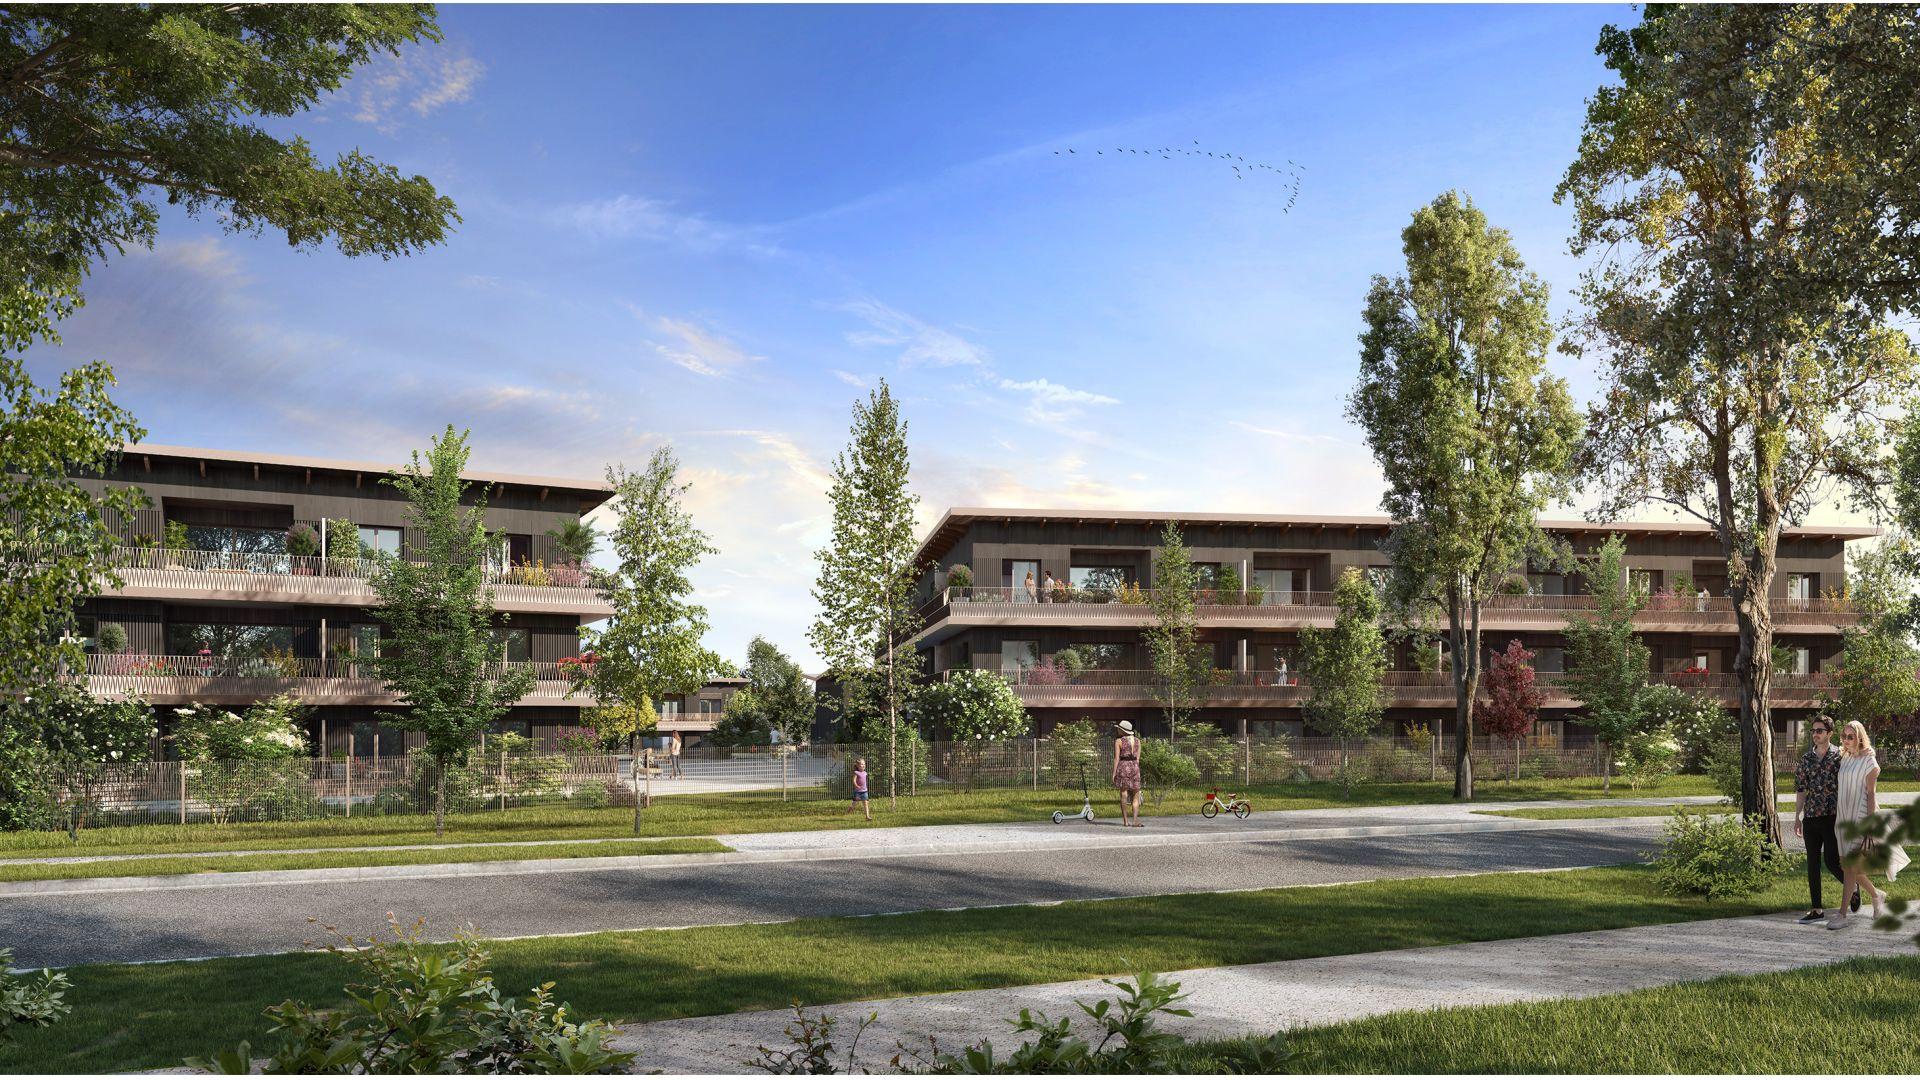 Greencity Immobilier - Résidence Carré Flore - 31700 Cornebarrieu - achat immobilier neuf - appartements et villas  du T2 au T5 - côté rue